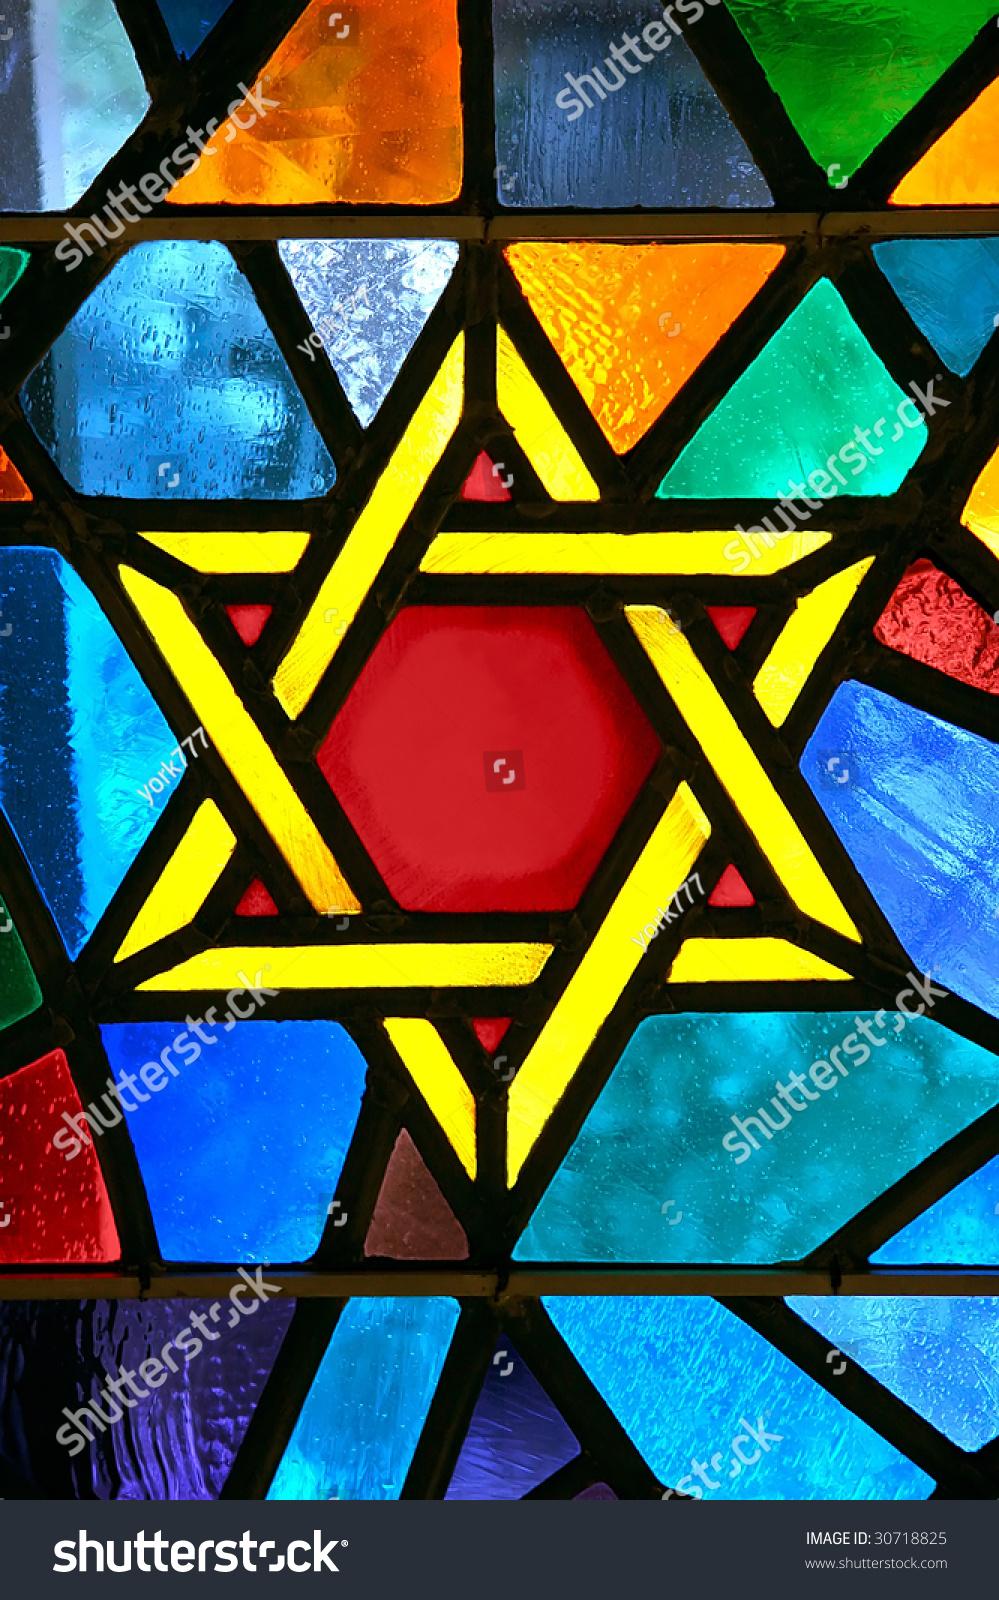 大卫王之星星玻璃画在会堂-背景/素材,宗教-海洛创意